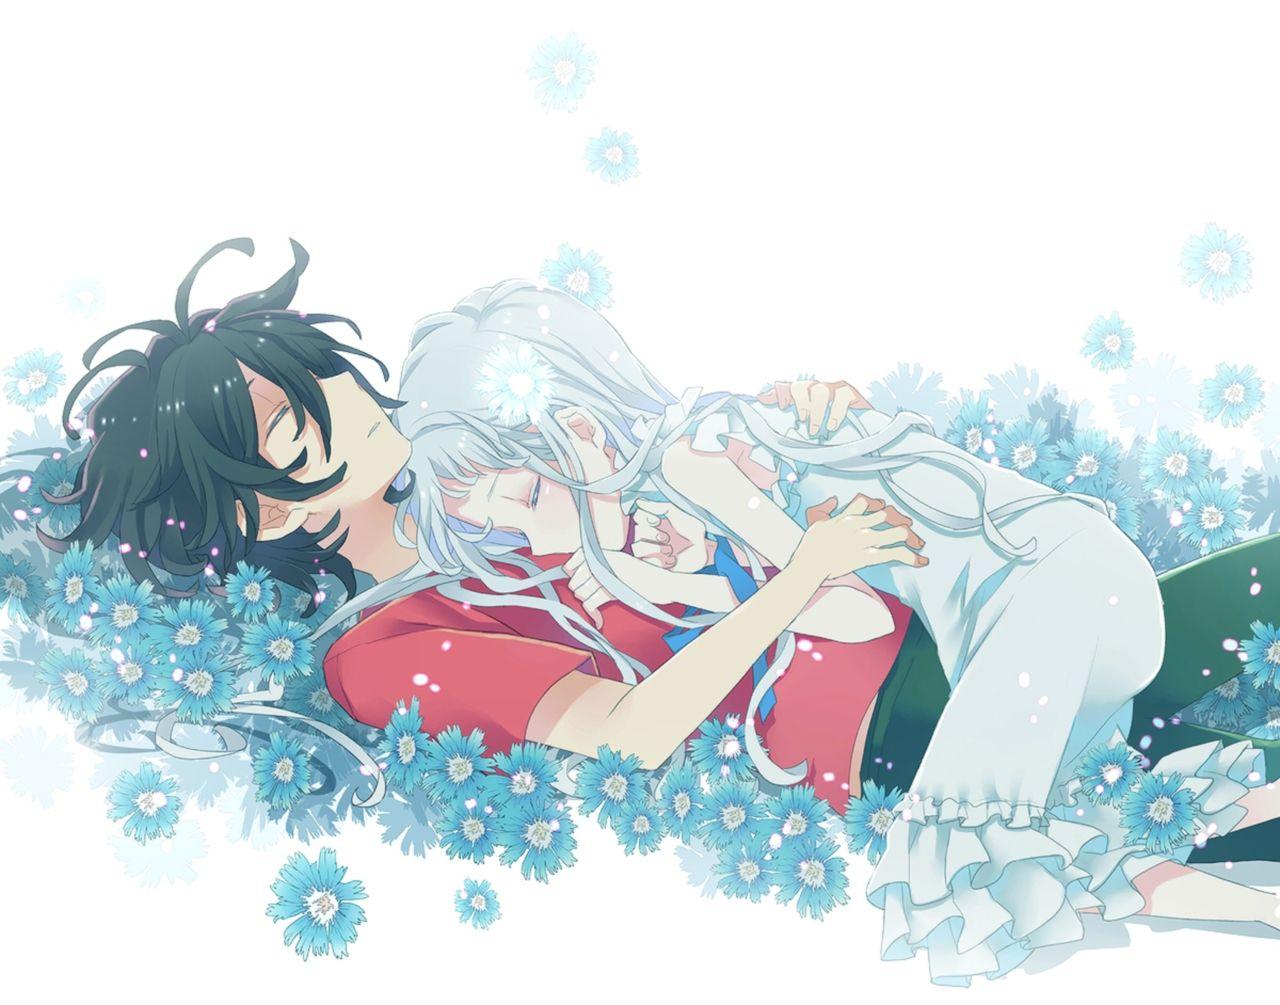 Menma and jintan anohana ano hi mita hana no namae o bokutachi wa mada shiranai anime